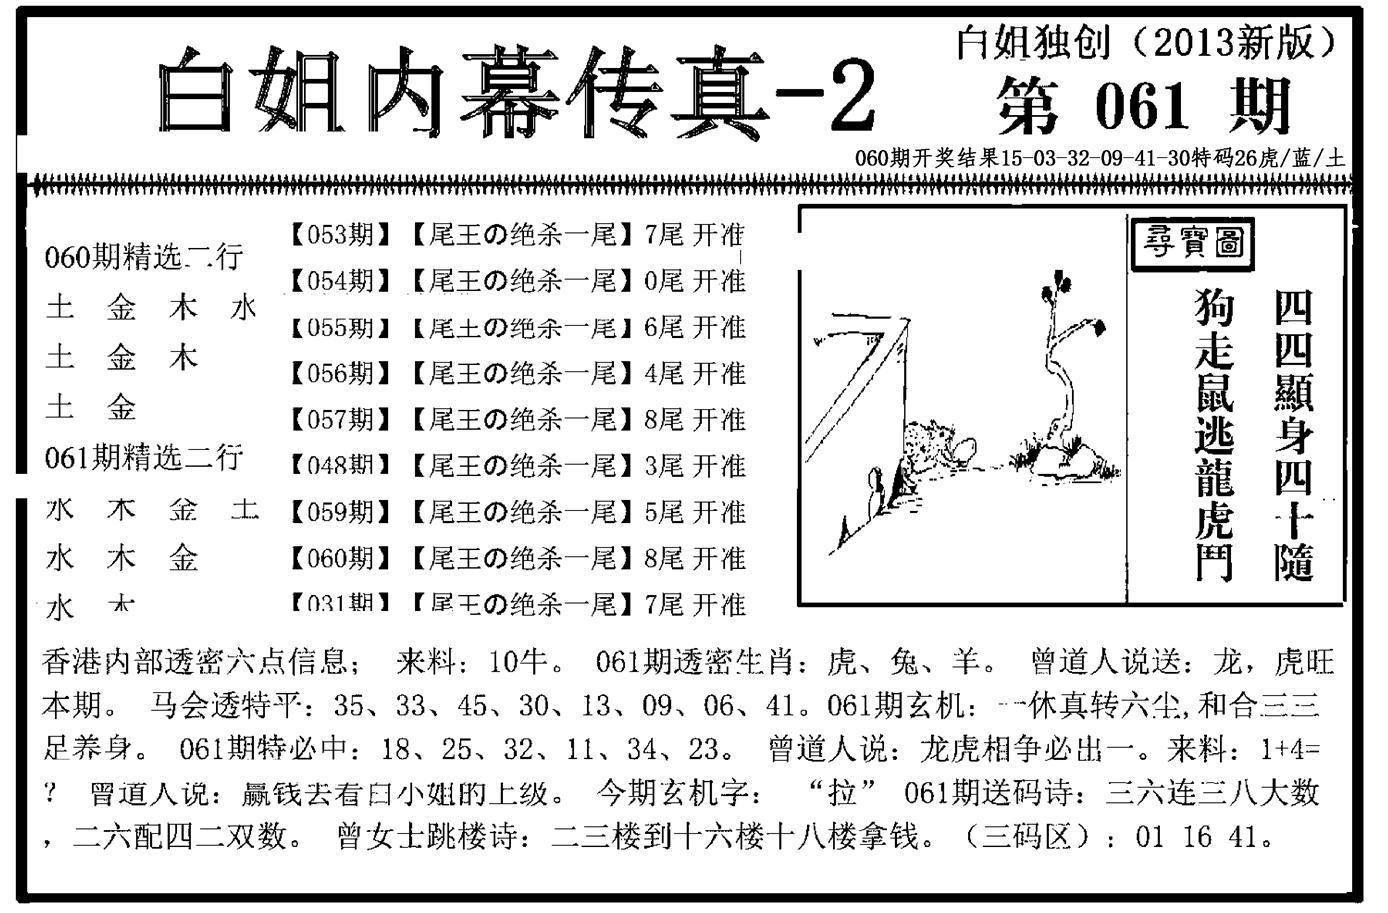 061期白姐内幕传真-2(黑白)